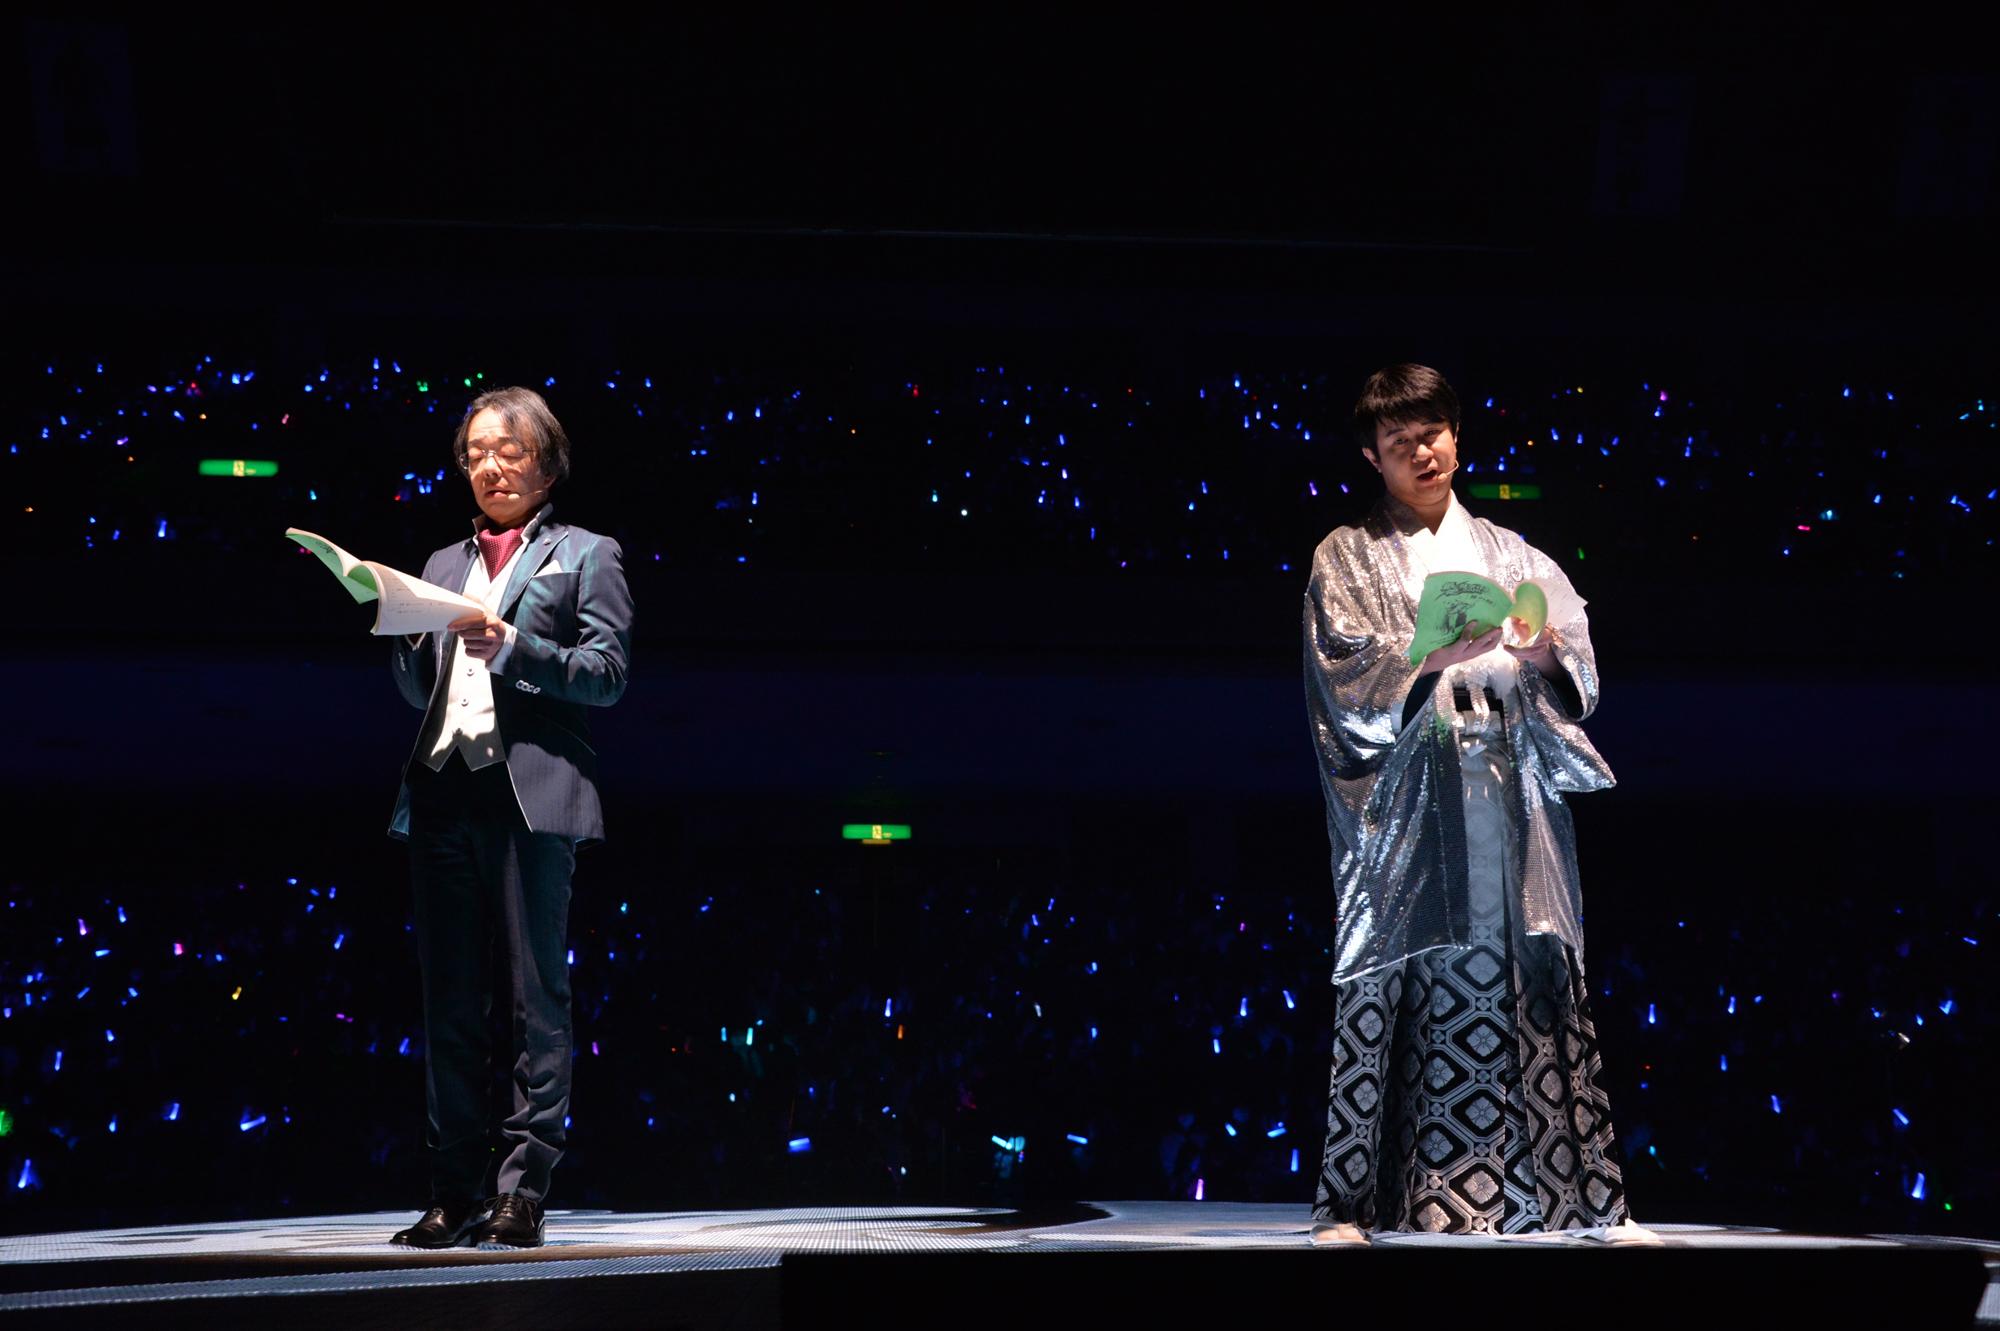 銀魂銀祭り2019(仮)生アフレコ (C)空知英秋/集英社・テレビ東京・電通・BNP・アニプレックス